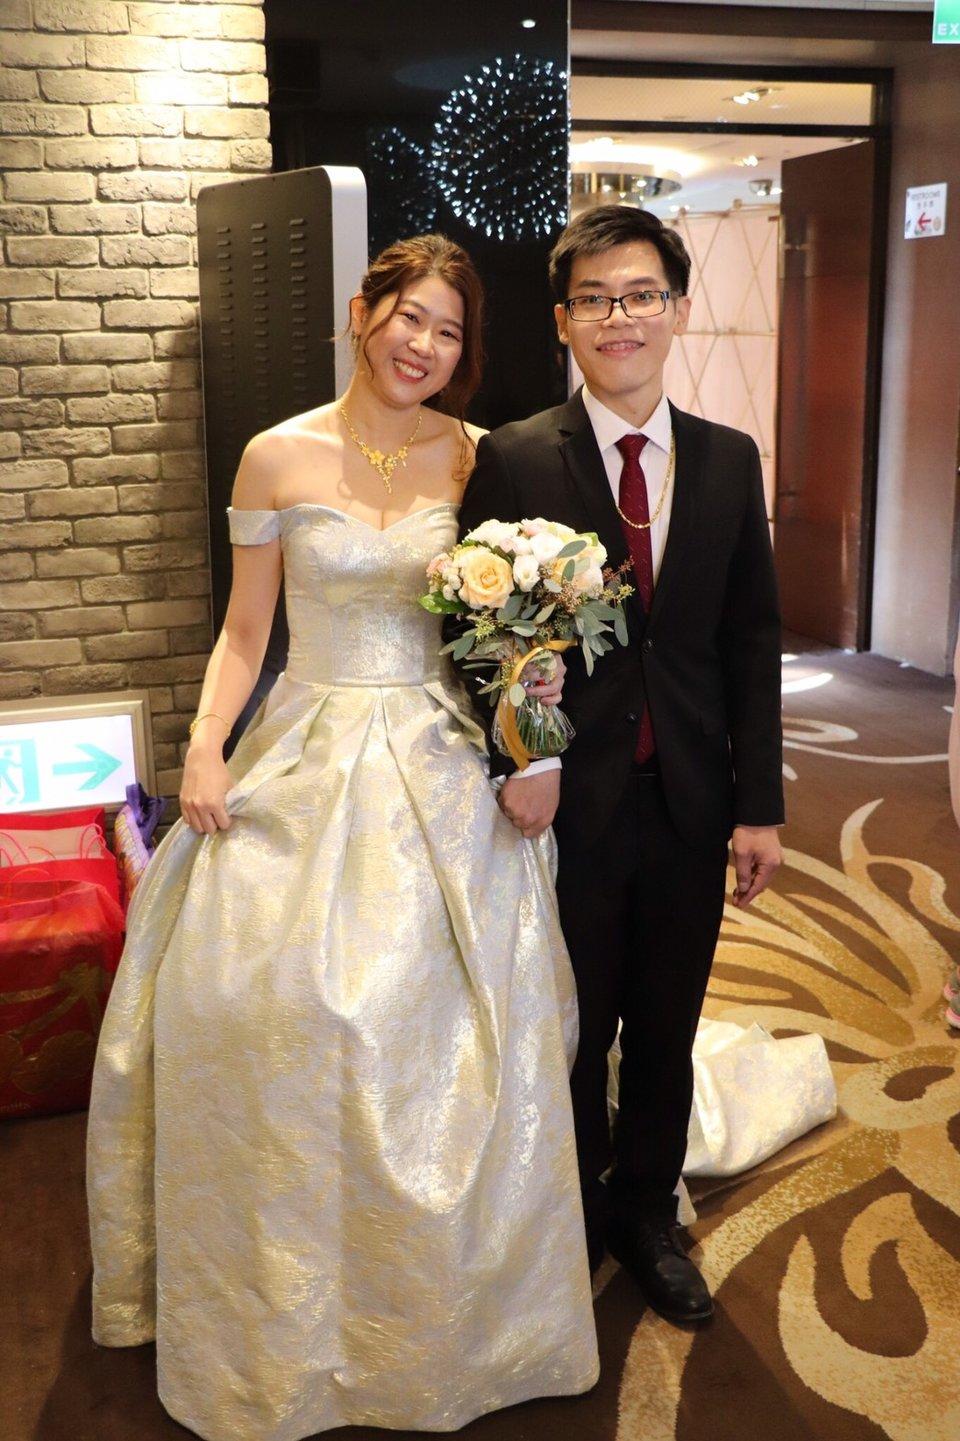 彭園婚宴會館-台北館,推薦台北彭園宴會館,遇見我的完美婚企Wendy